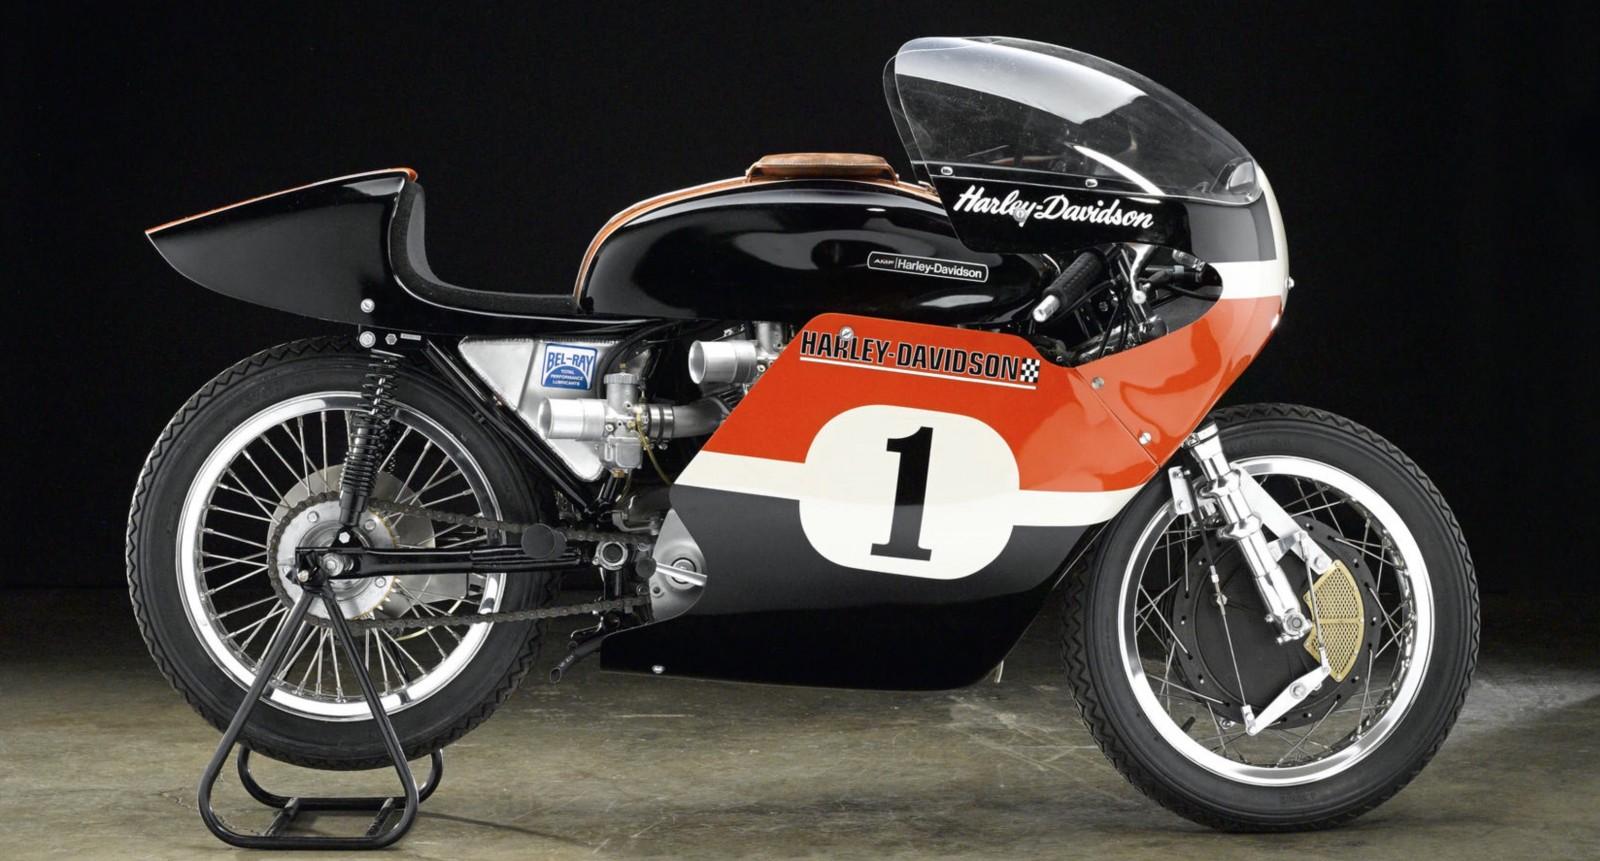 Modelo de competición XRTT 750 de 1972